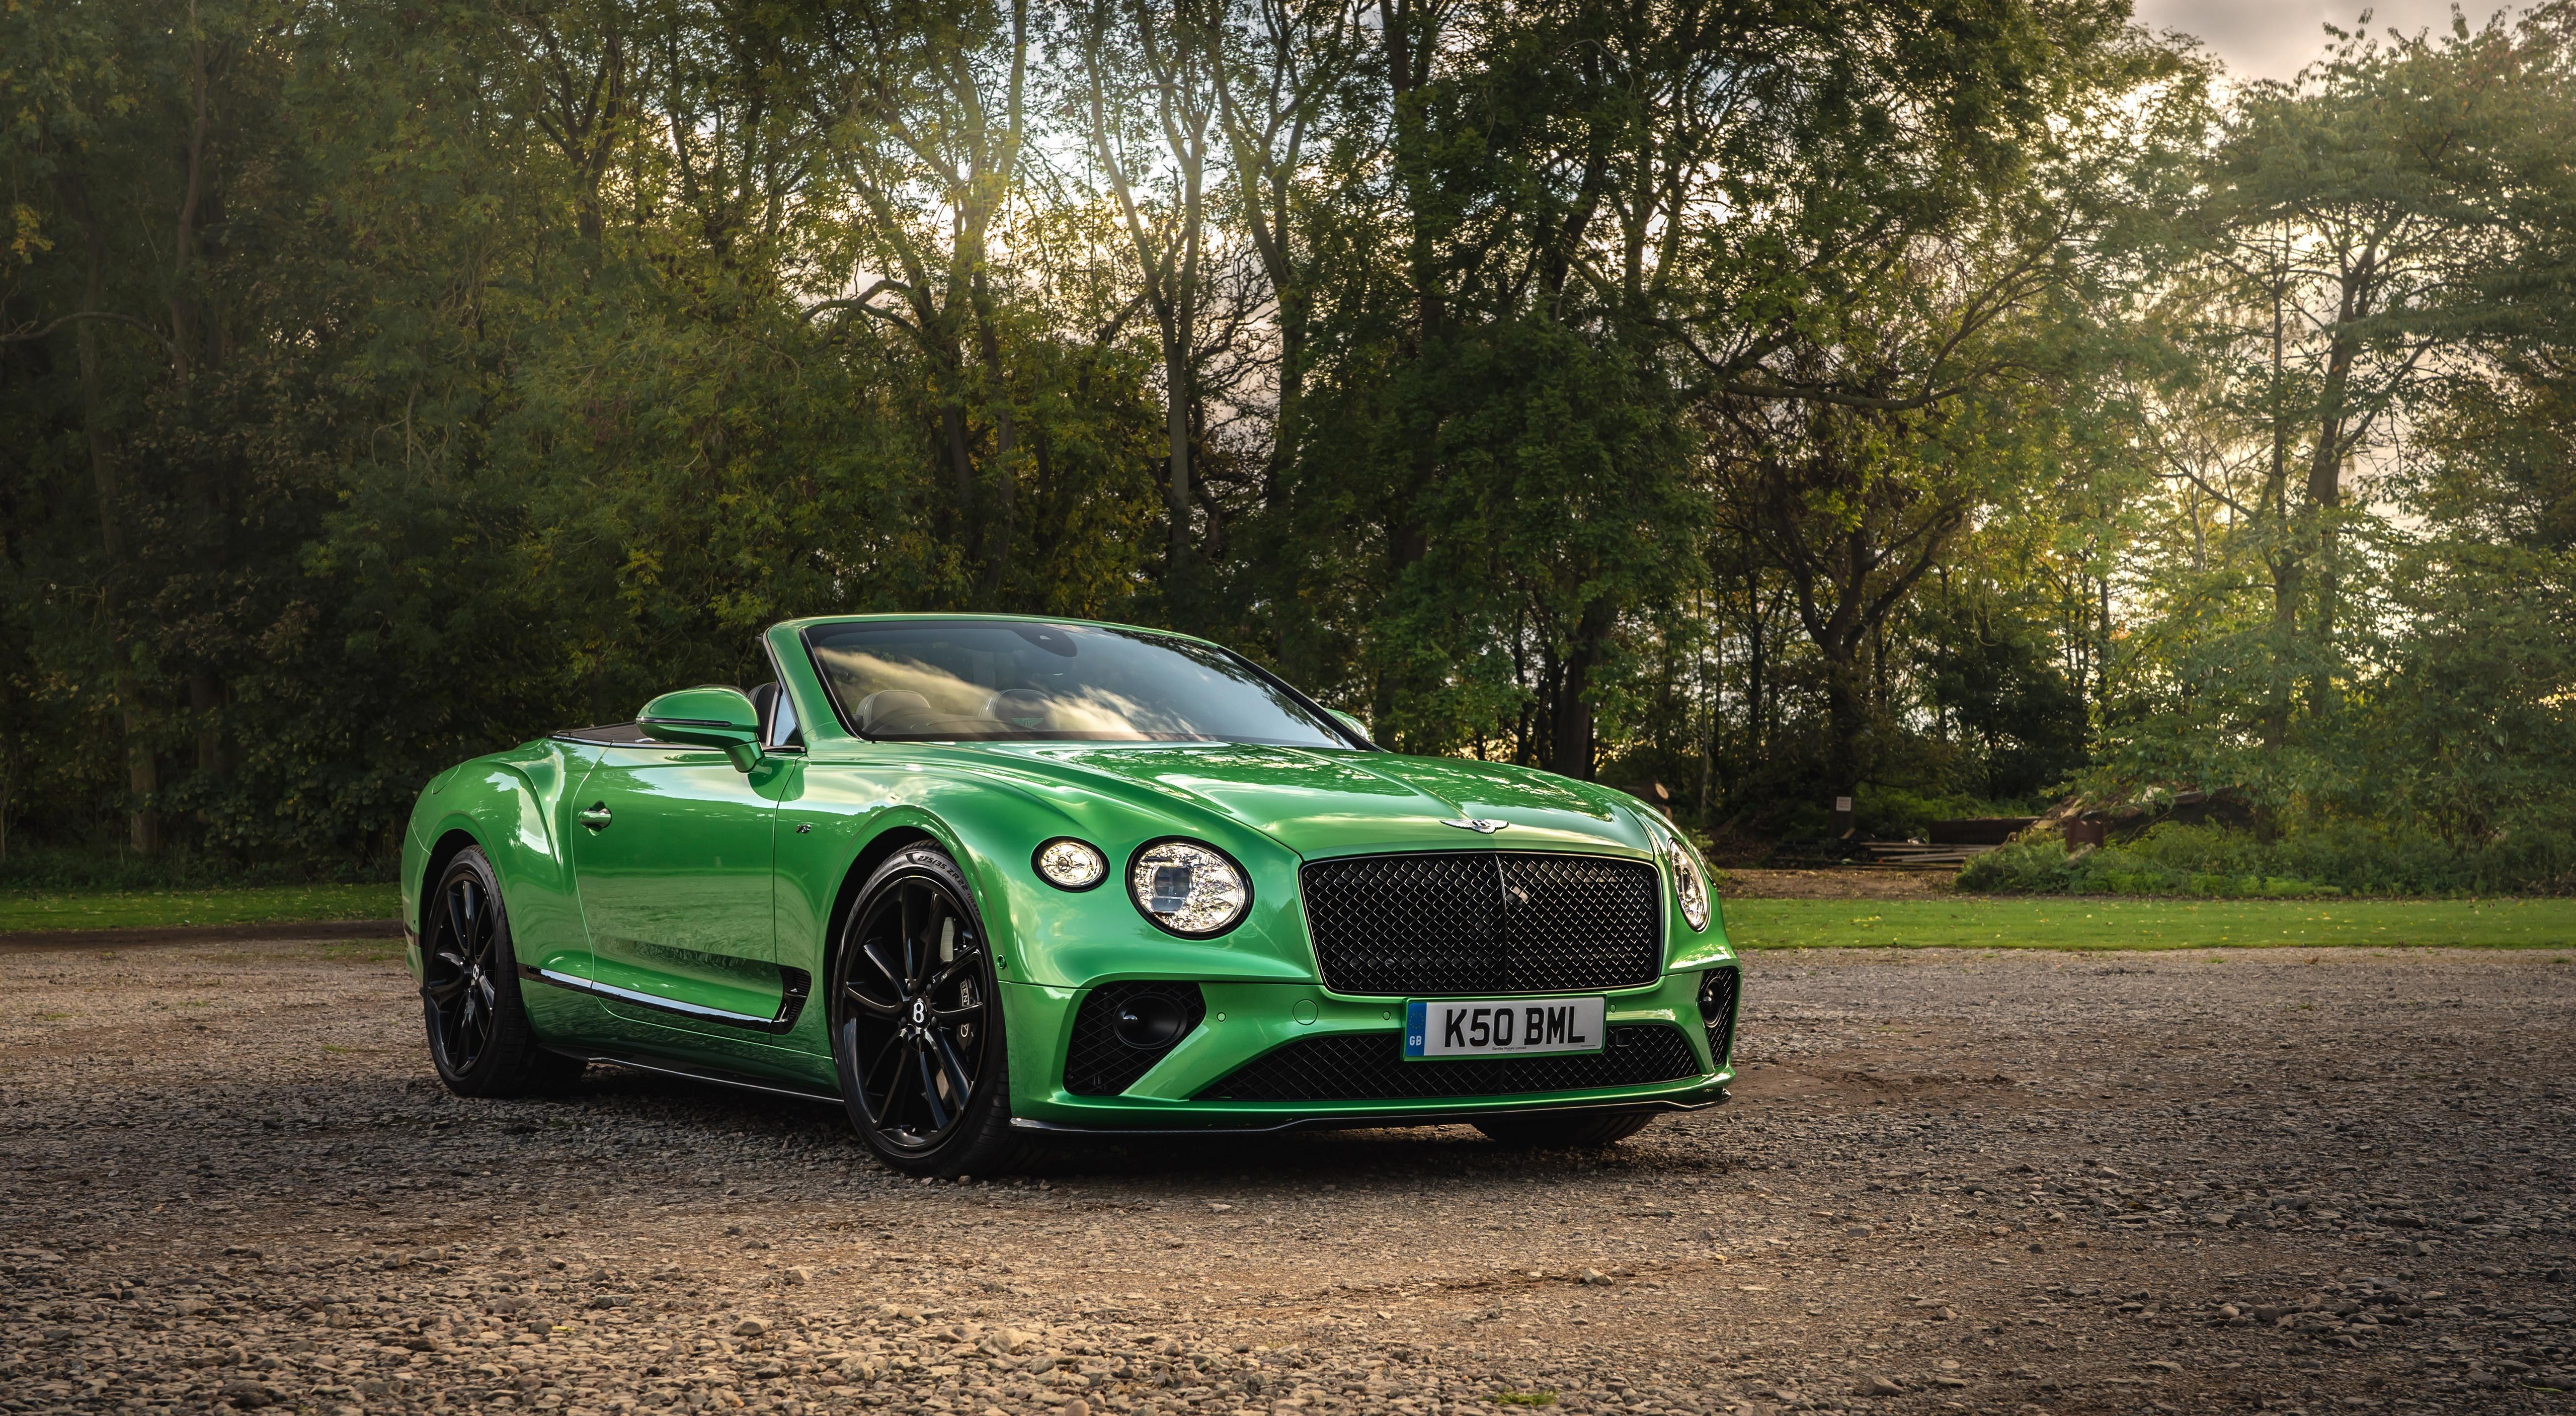 Bilder von Bentley Continental GT V8, Convertible (Apple Green), UK-spec, 2020 Cabriolet Grün auto Vorne 5120x2815 Cabrio Autos automobil